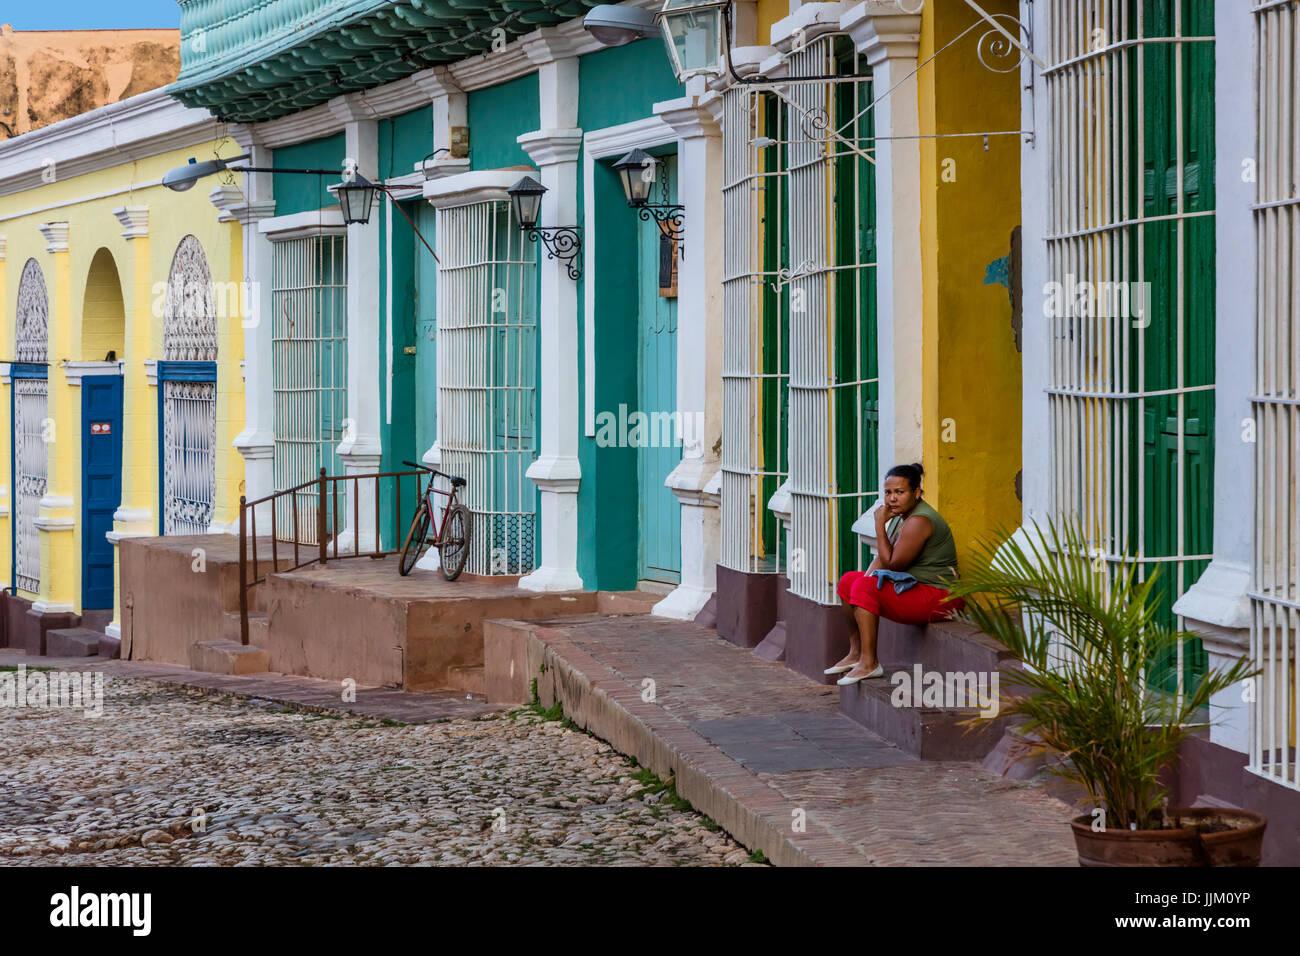 Las calles adoquinadas, trabajo del hierro forjado y coloridas casas de Trinidad, Cuba Imagen De Stock